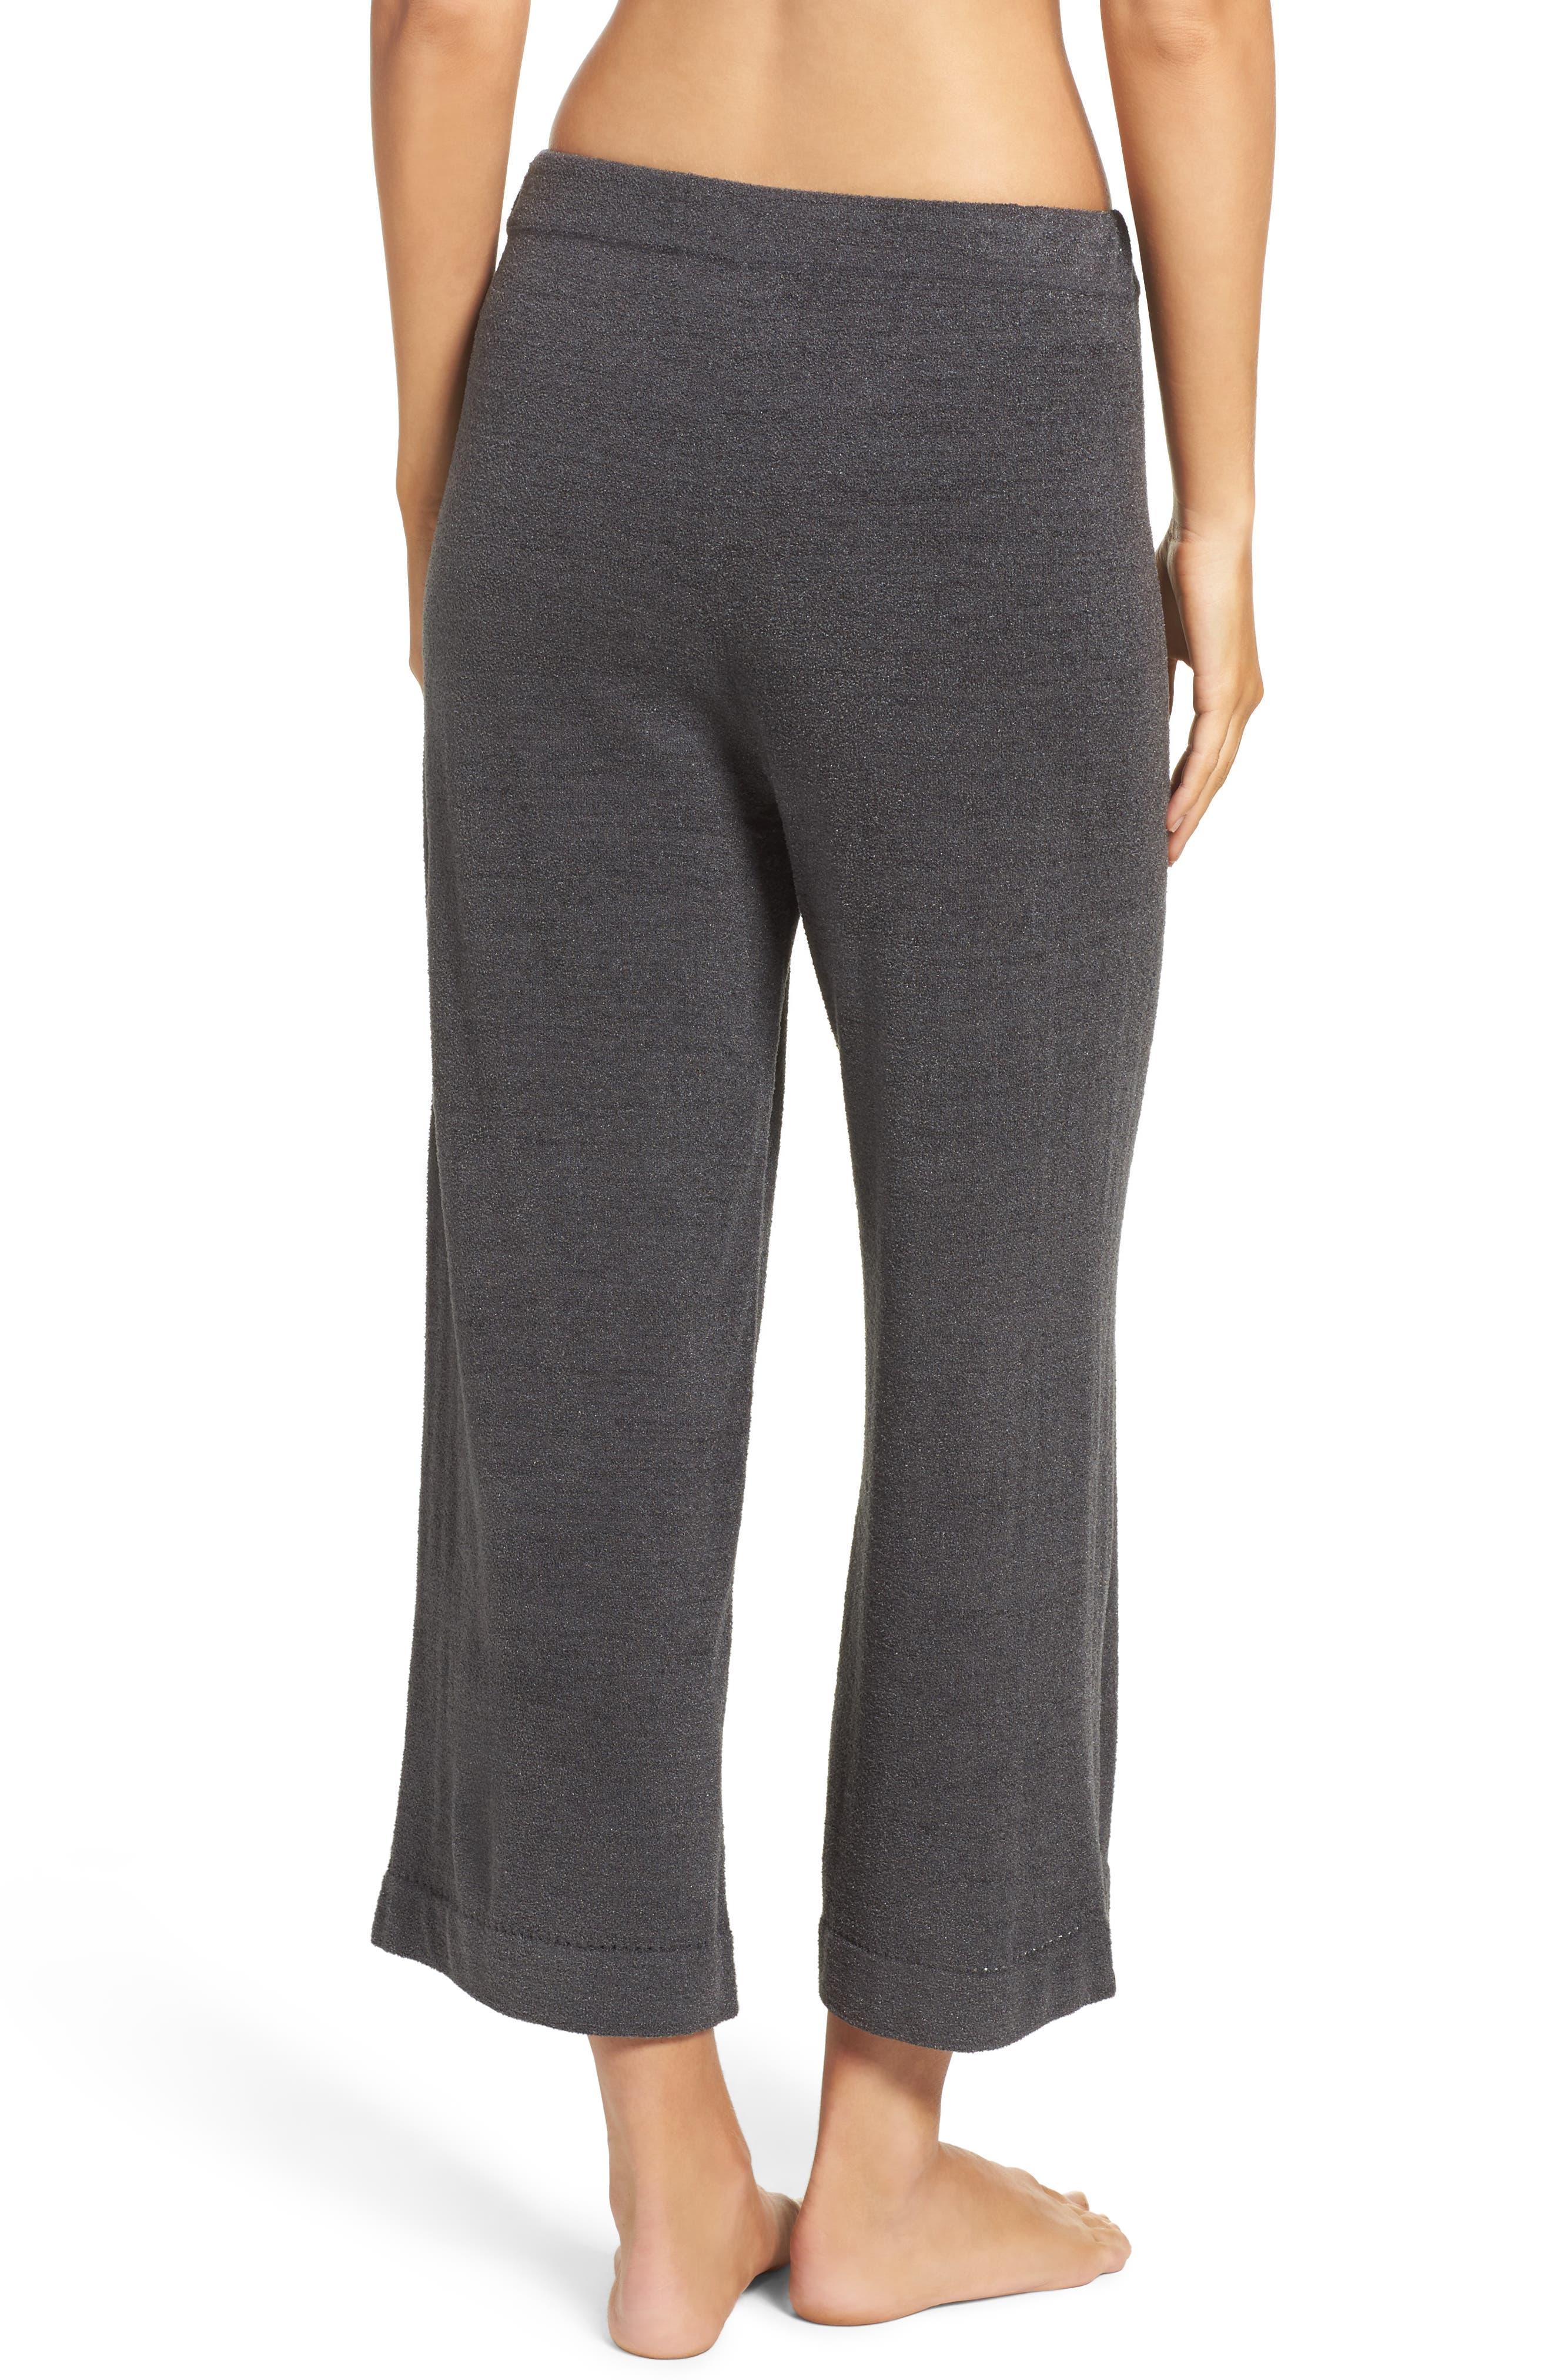 Cozychic Ultra Lite<sup>®</sup> Culotte Lounge Pants,                             Alternate thumbnail 2, color,                             CARBON